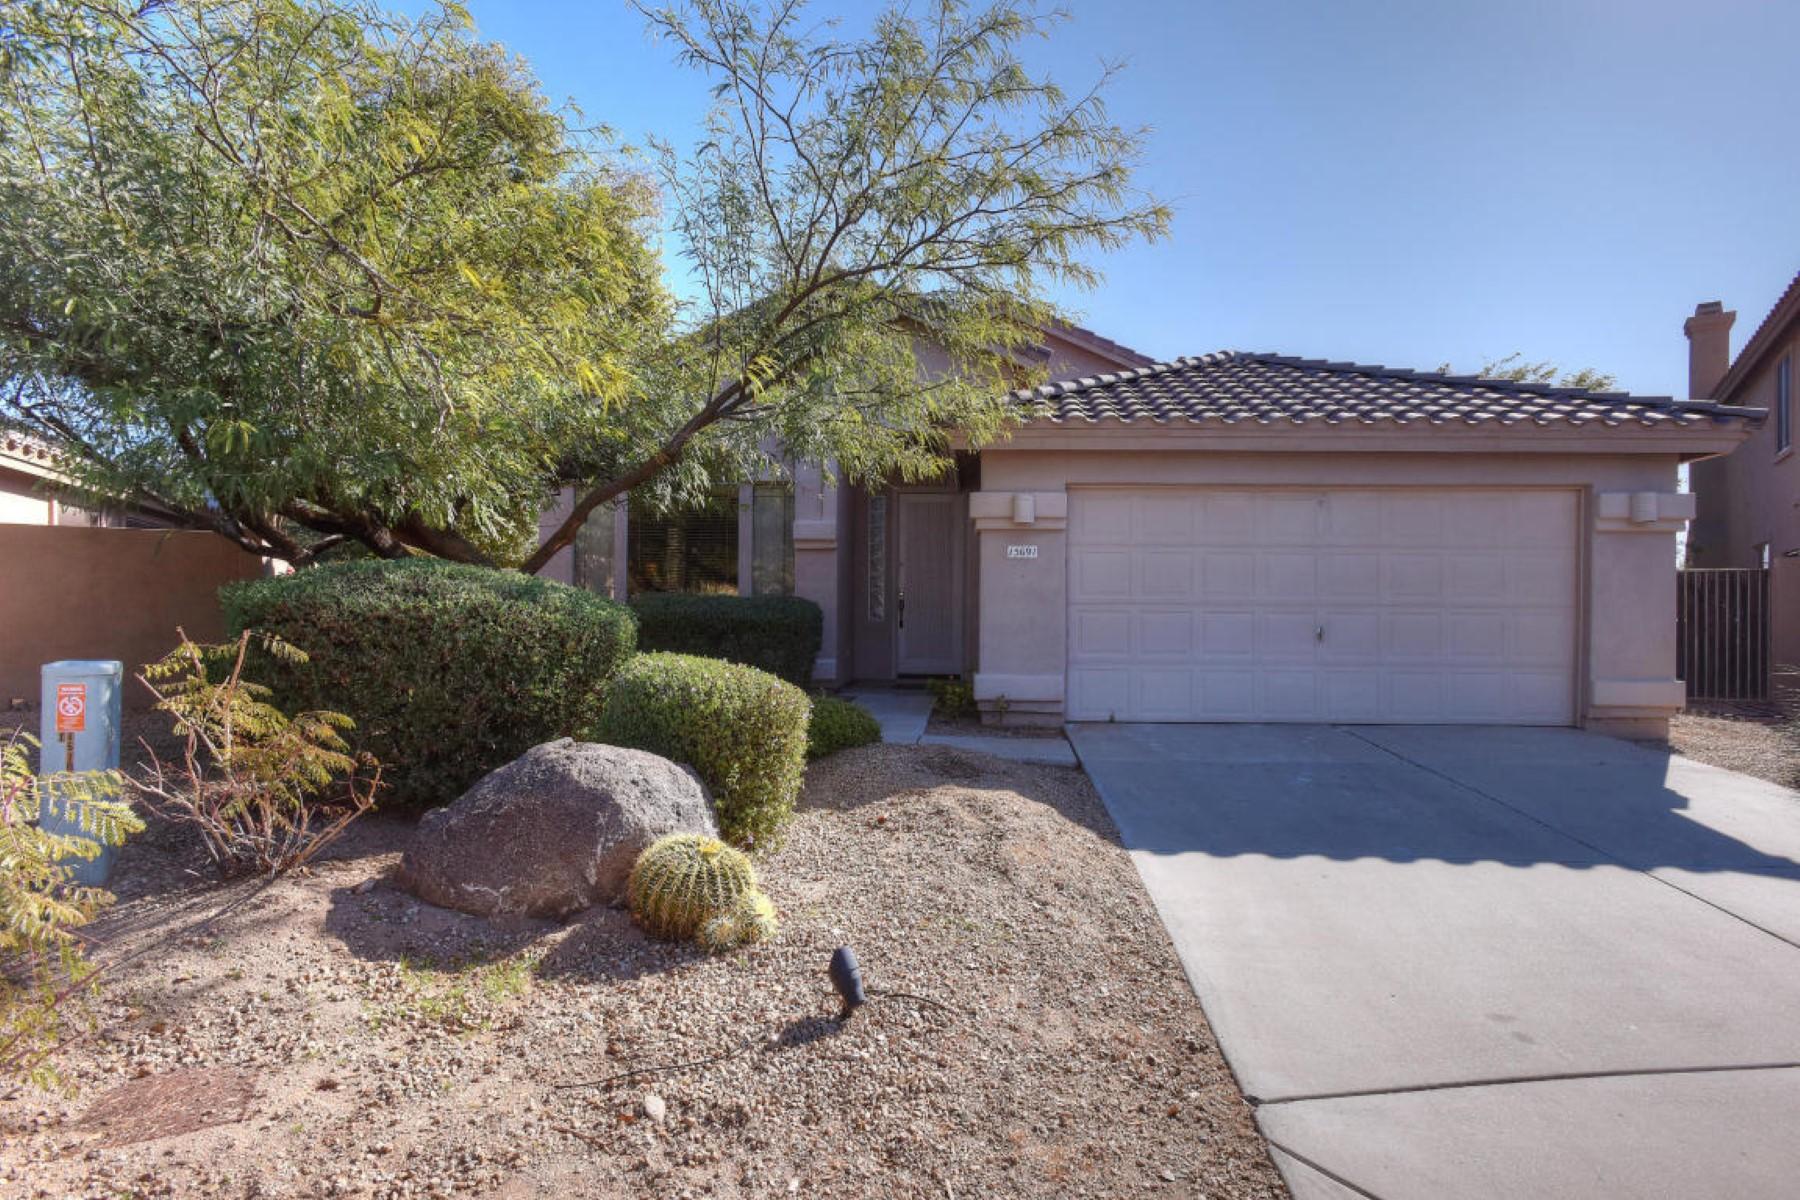 Частный односемейный дом для того Продажа на Two Story Home With An Urban Comteporary Design 4412 N 27th Way Phoenix, Аризона 85016 Соединенные Штаты